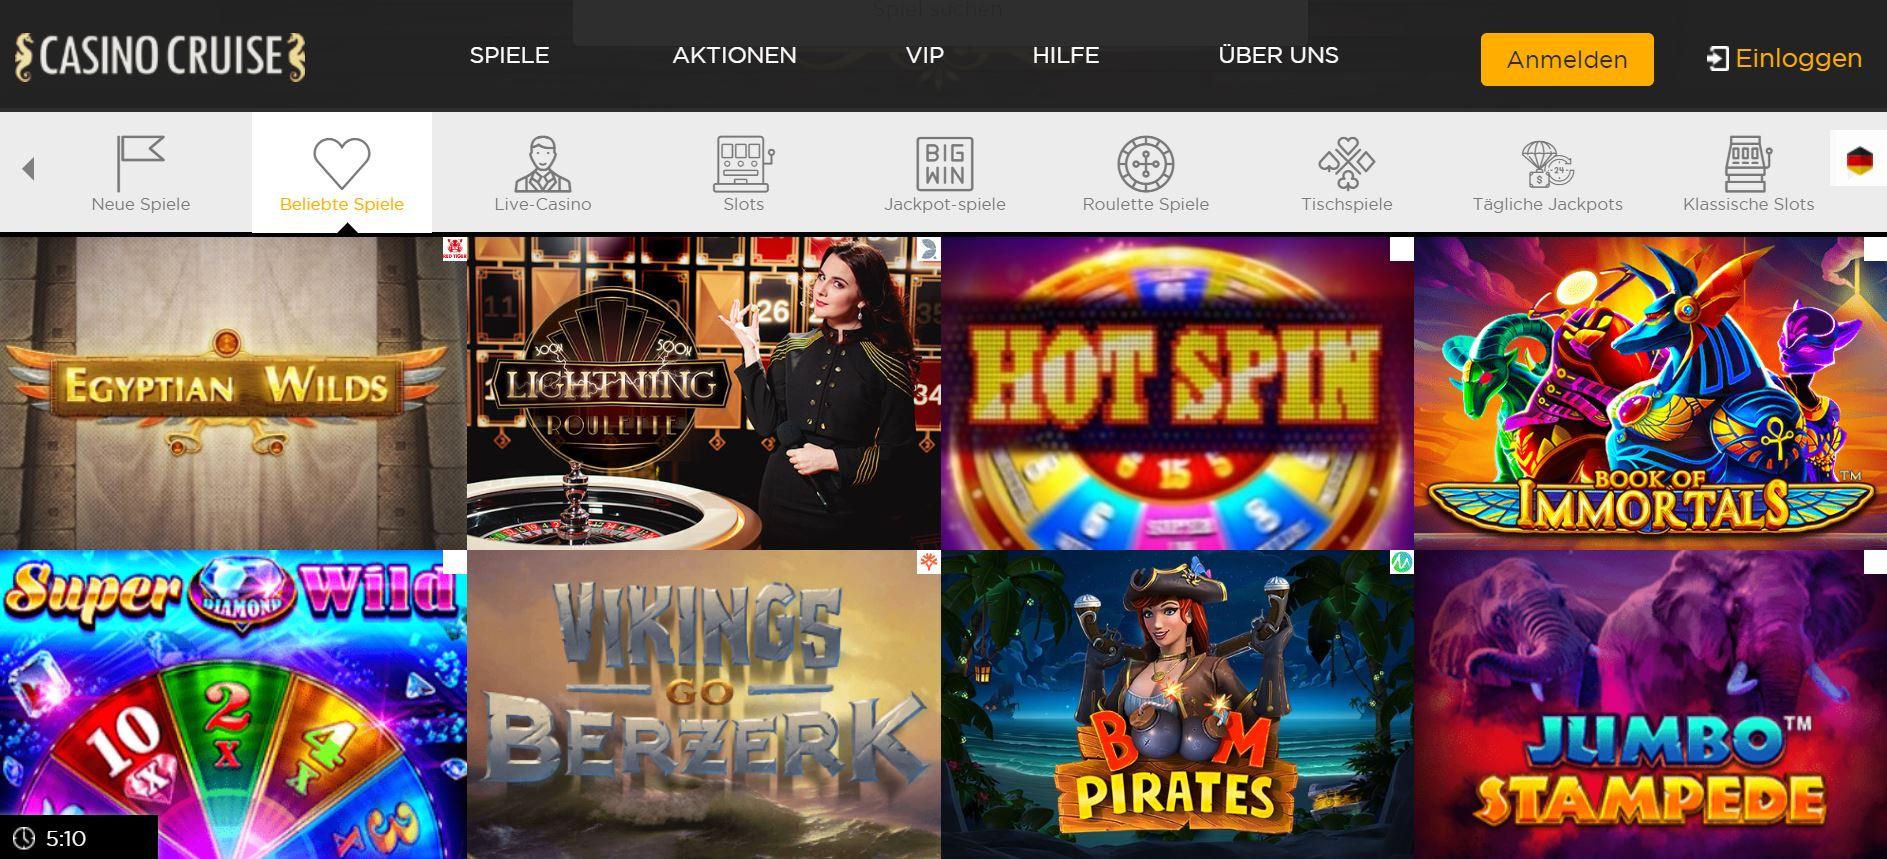 Vorschau zum Casino Cruise